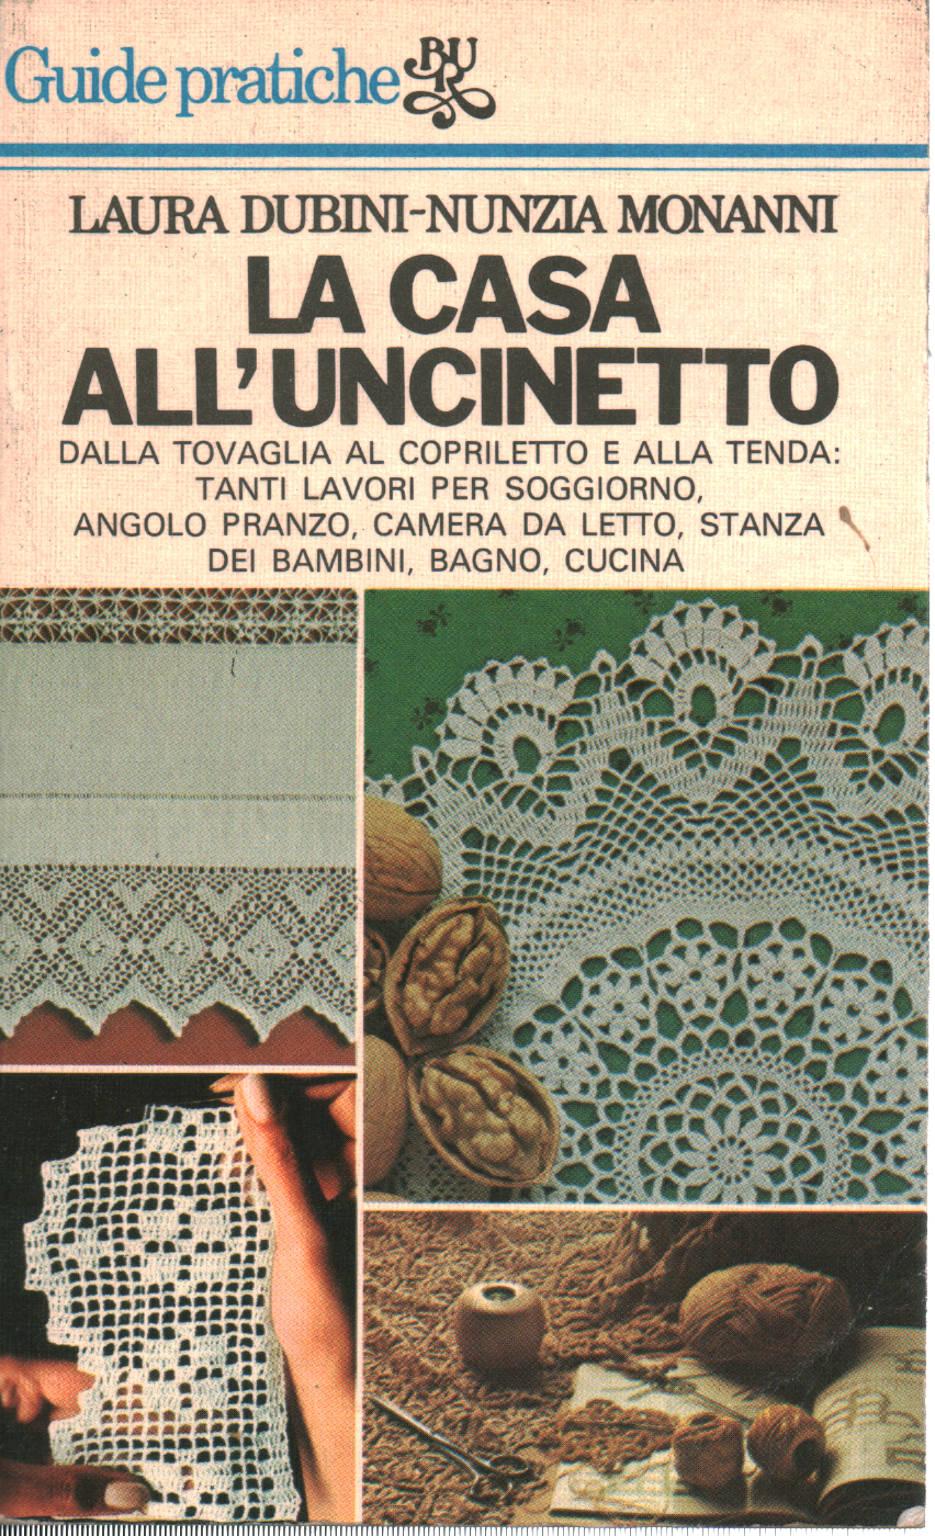 Lavori Antichi All Uncinetto.La Casa All Uncinetto Laura Dubini Nunzia Monanni